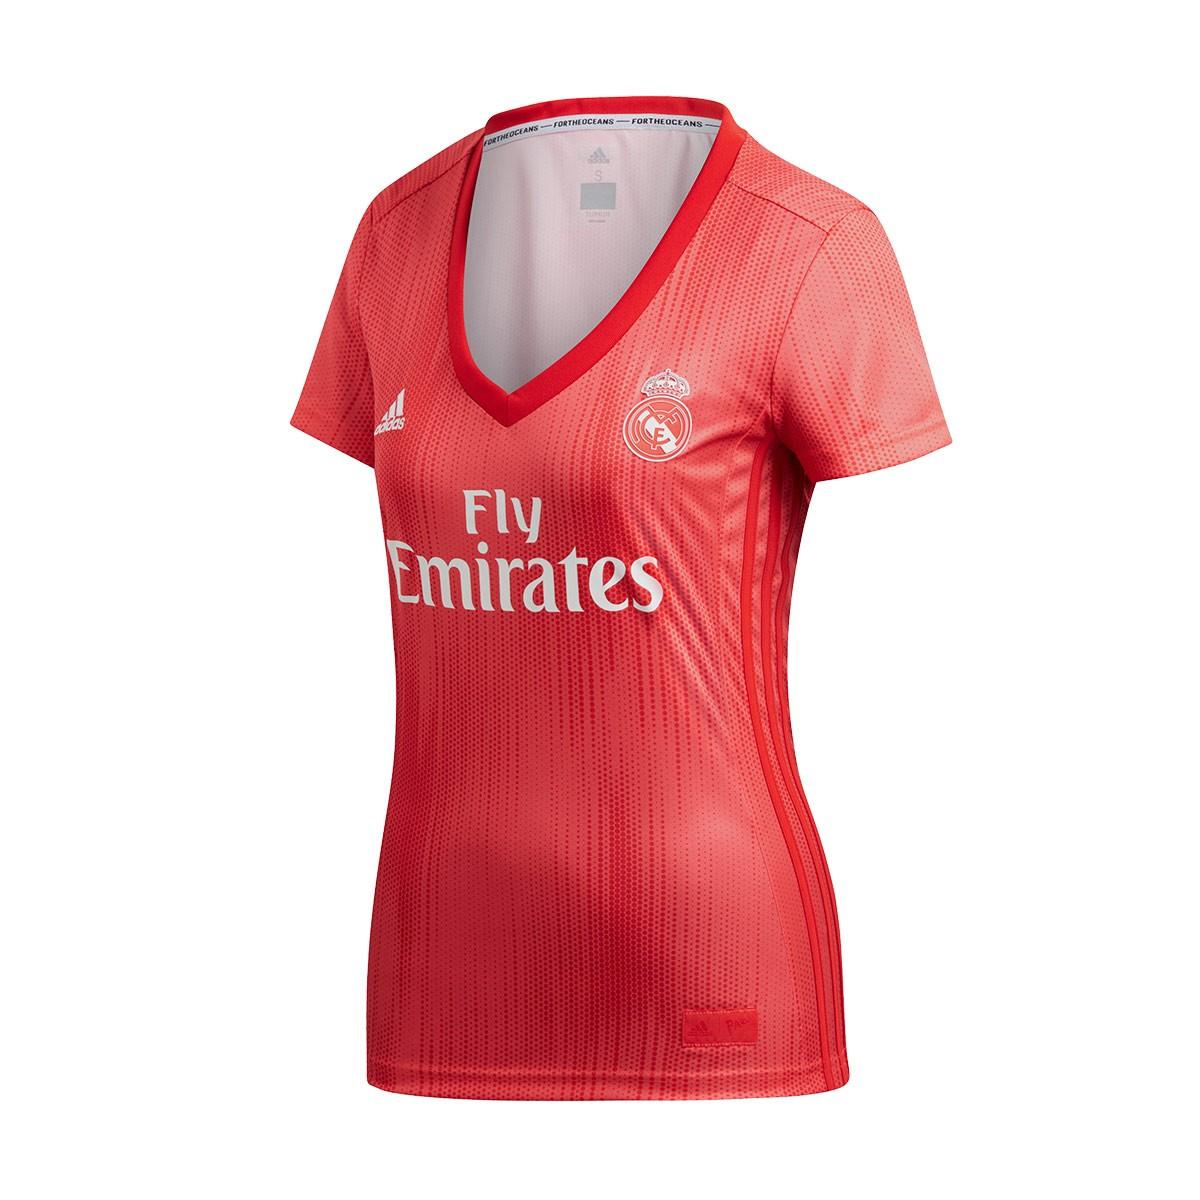 4e52222e06954 Camiseta adidas Real Madrid Tercera Equipación 2018-2019 Mujer Real  coral-Vivid red - Tienda de fútbol Fútbol Emotion